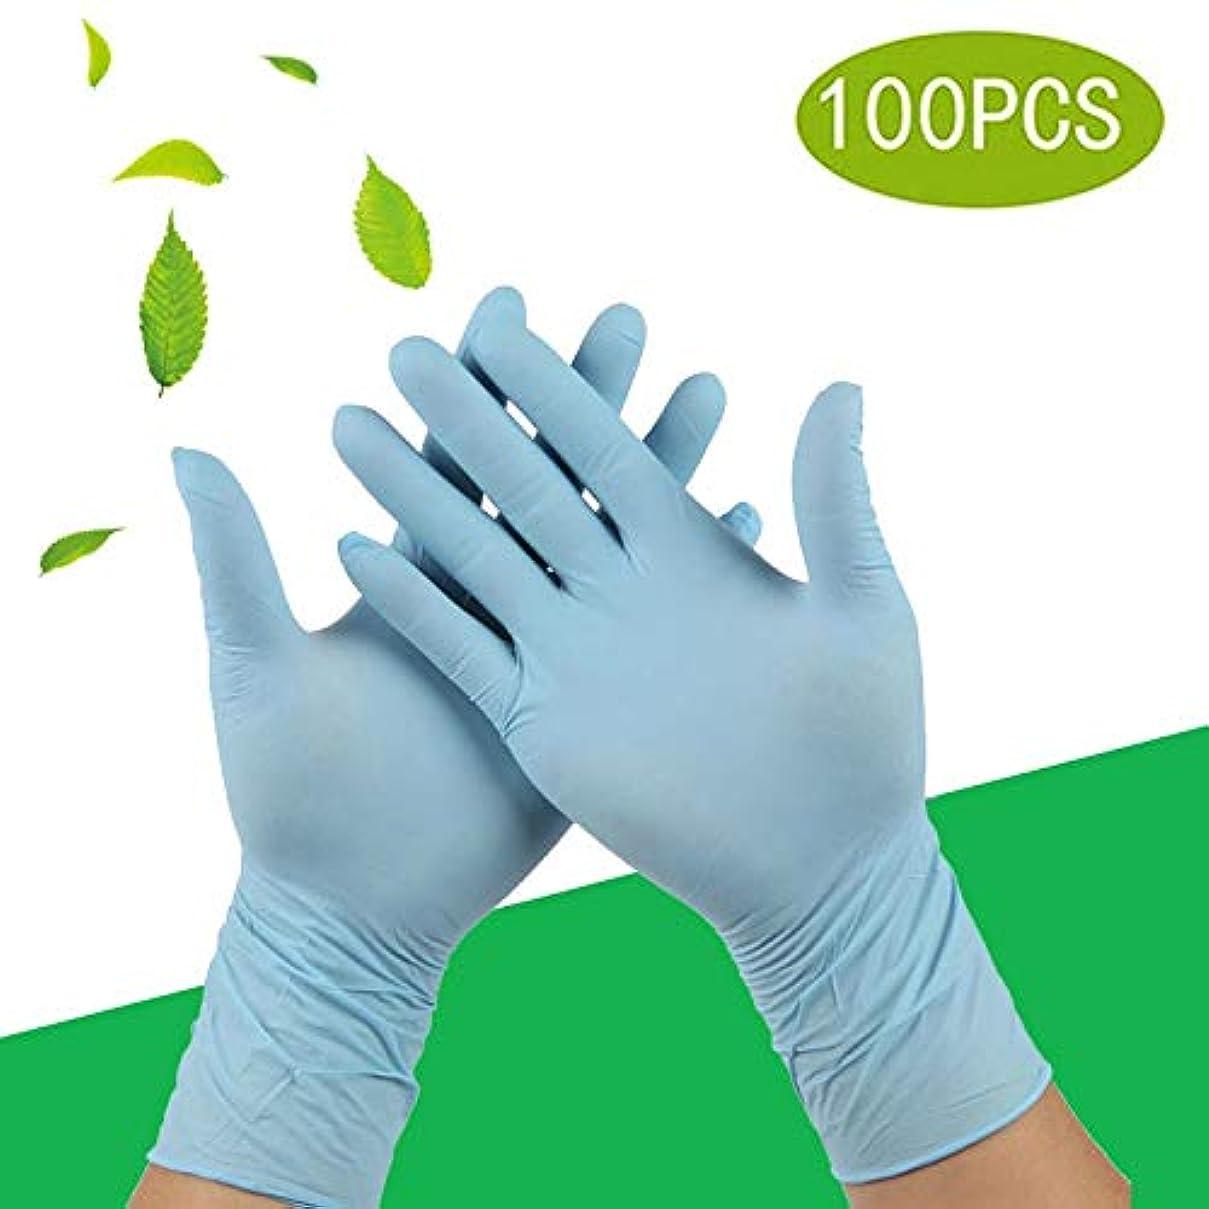 実り多い前進本部耐酸性および耐アルカリ性試験ニトリル試験用手袋、使い捨て、医療用グレード100カウント (Size : S)